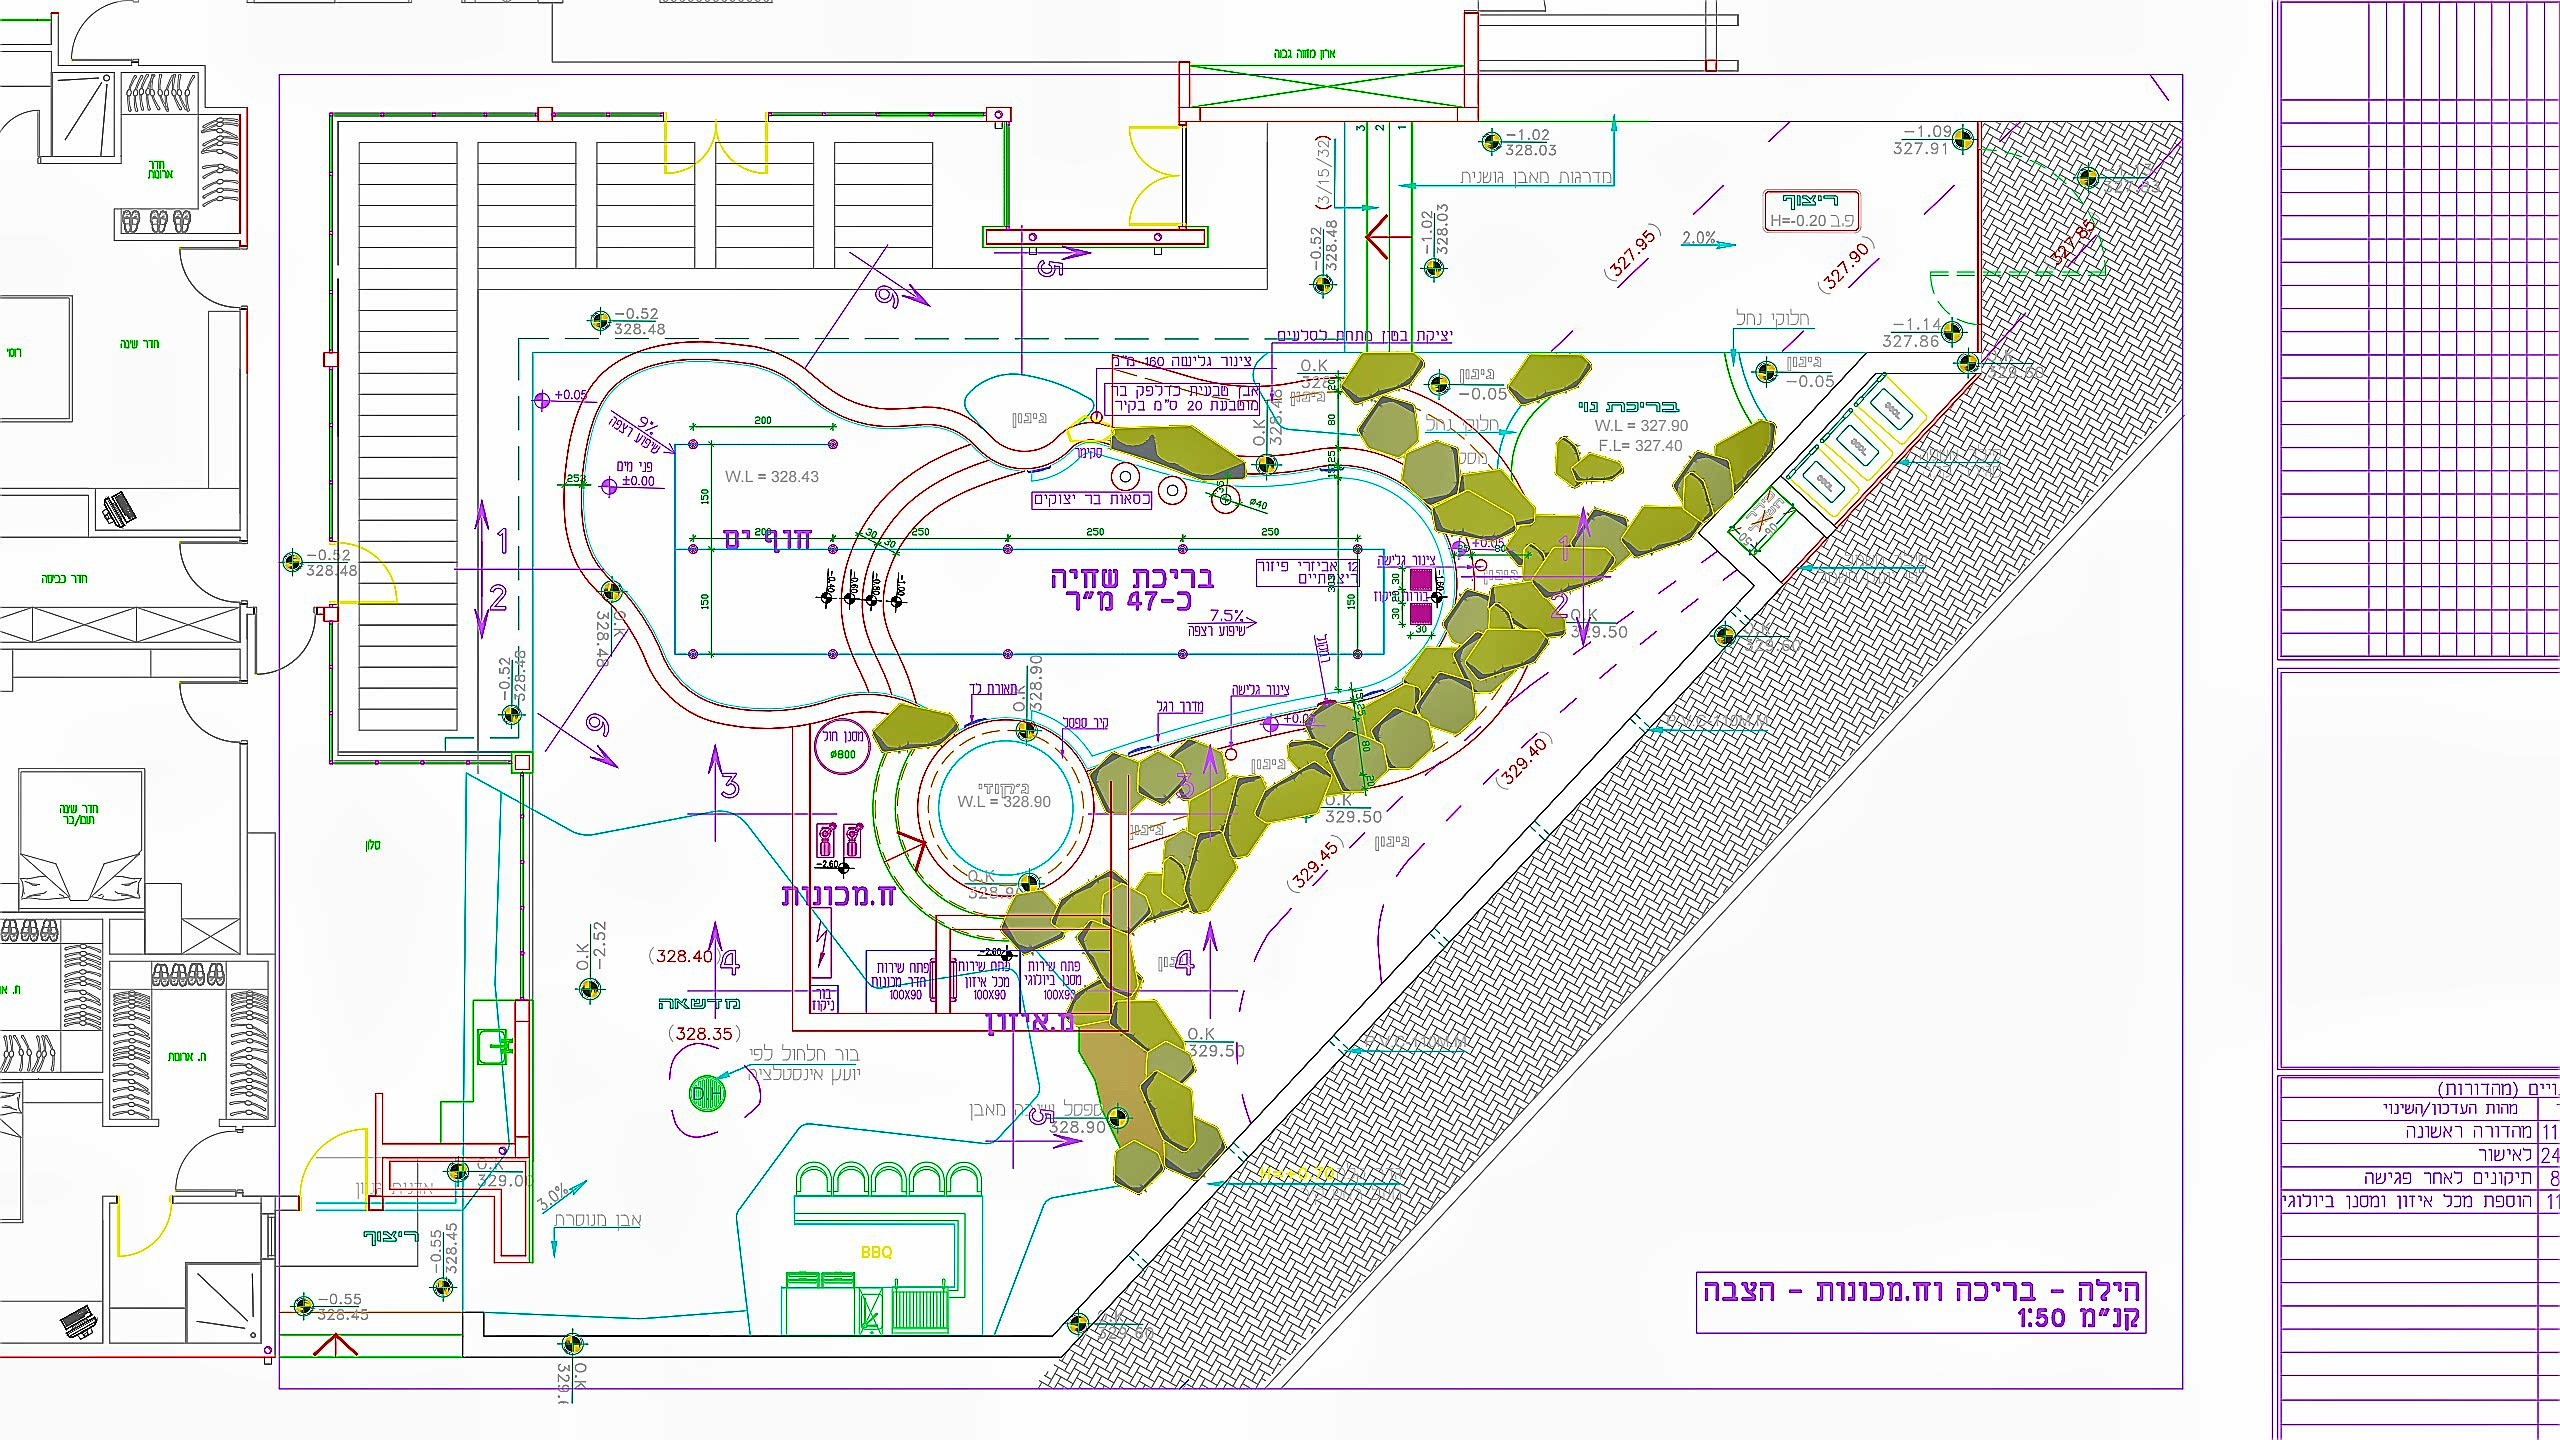 GAV - שילוב בריכת השחייה בתכניות המבנה ואו הפיתוח